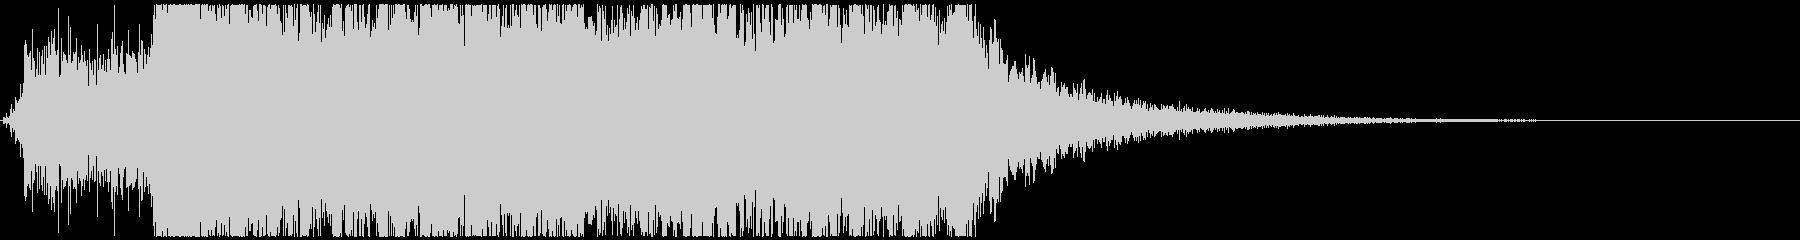 オーケストラ ファンファーレ クリア の未再生の波形